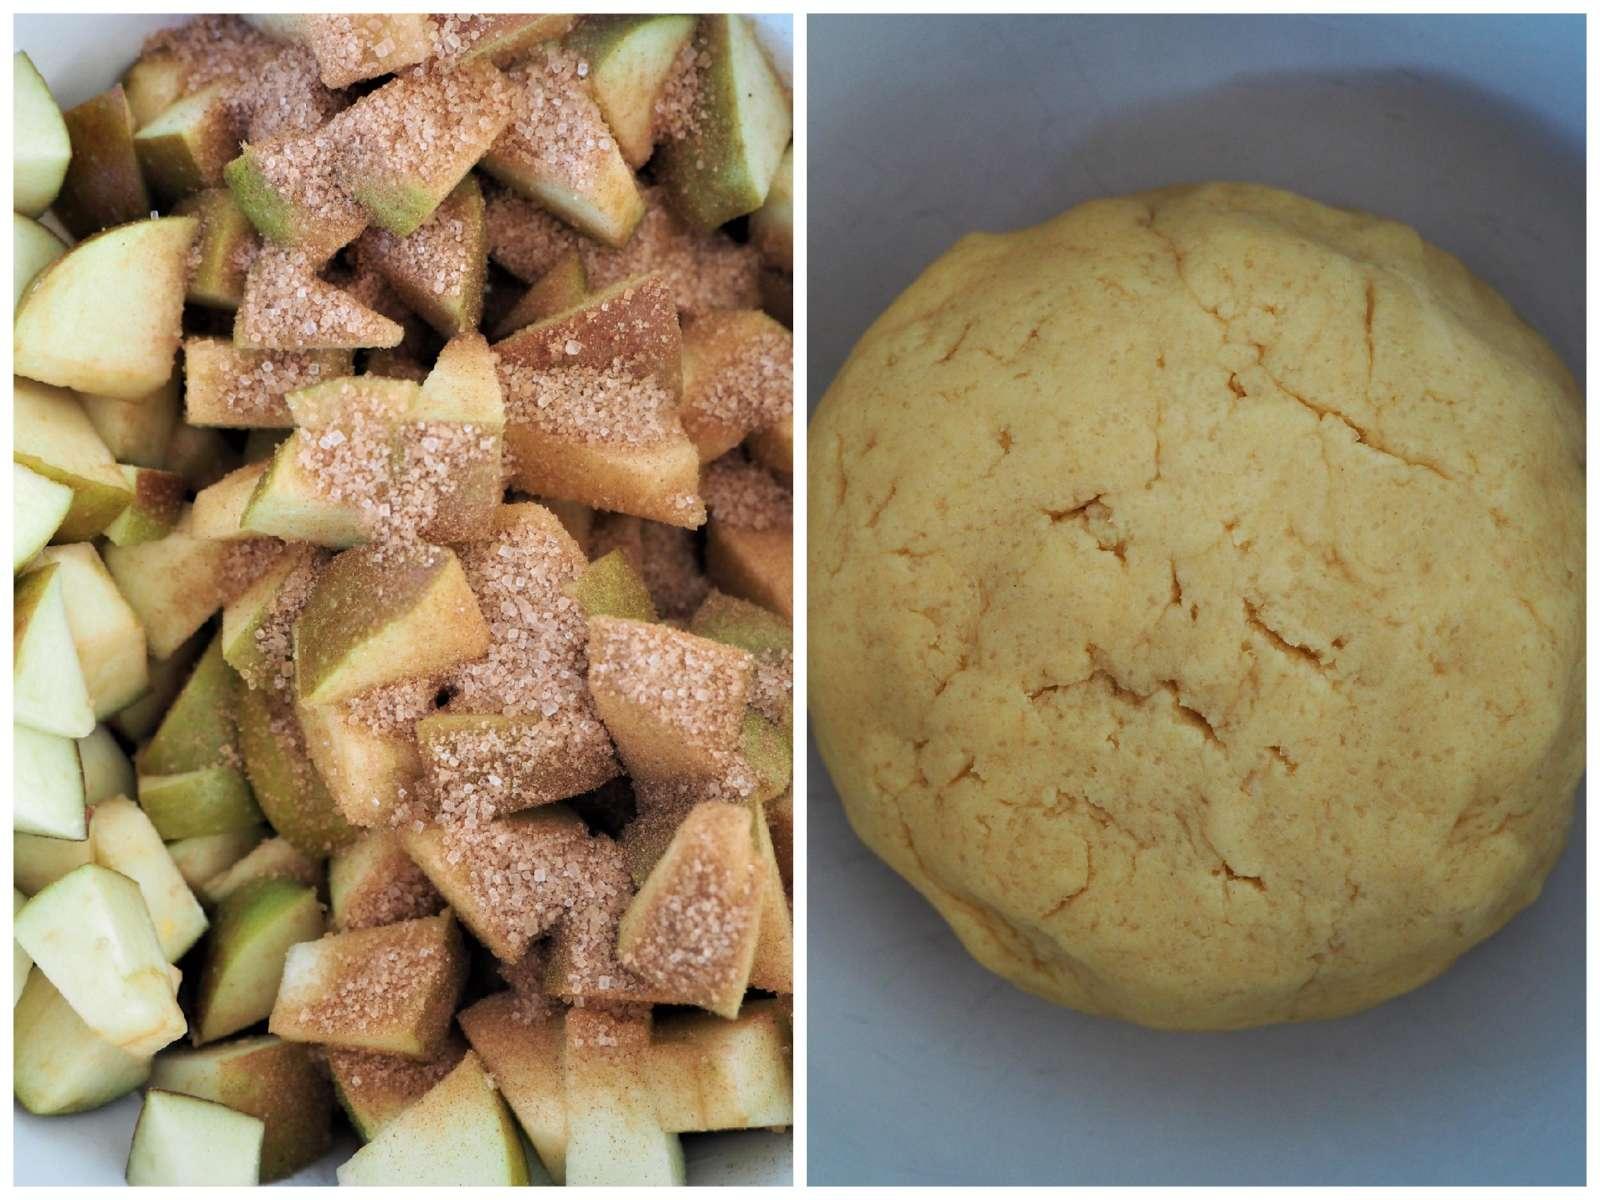 Veganer Apfel-Streusel-Kuchen Zutaten: Teig und Äpfel